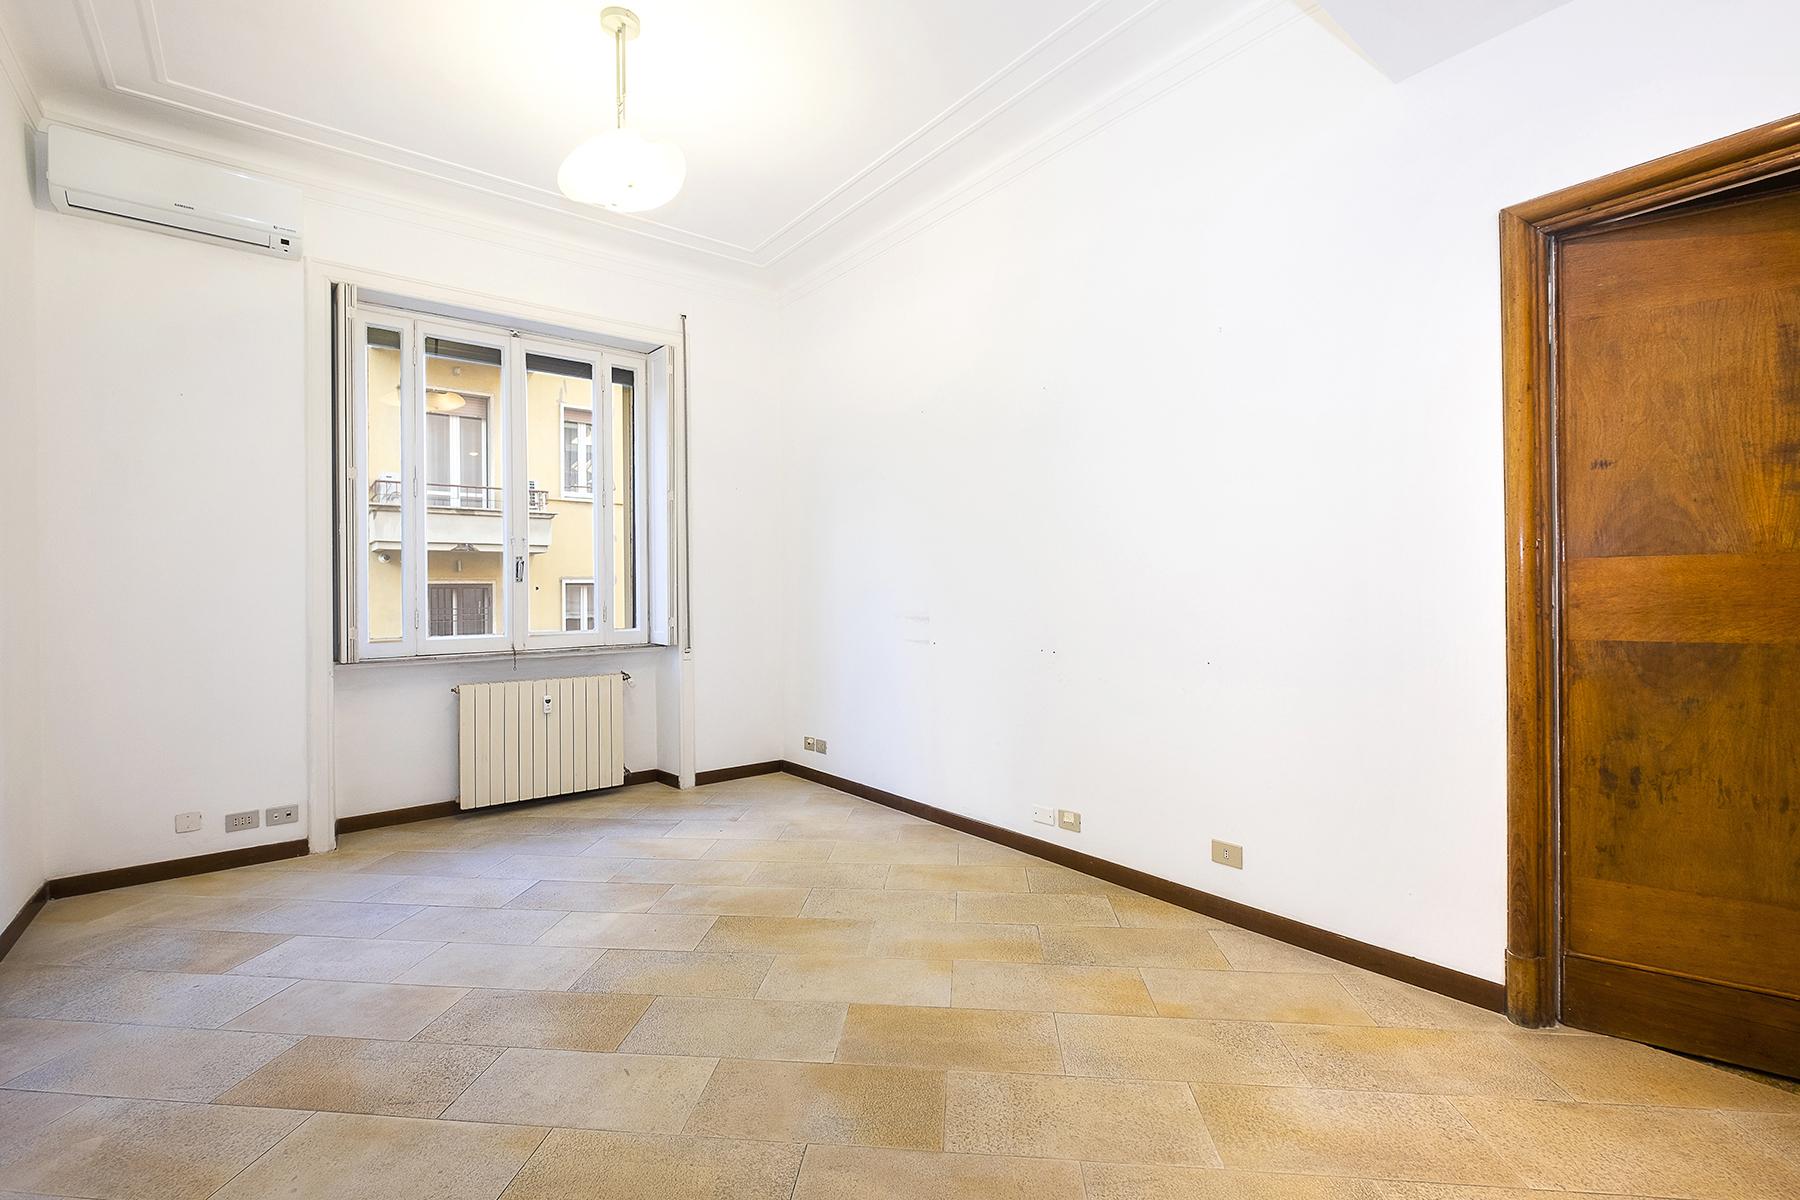 Appartamento di lusso in affitto a roma via angelo secchi for Affitto castello roma